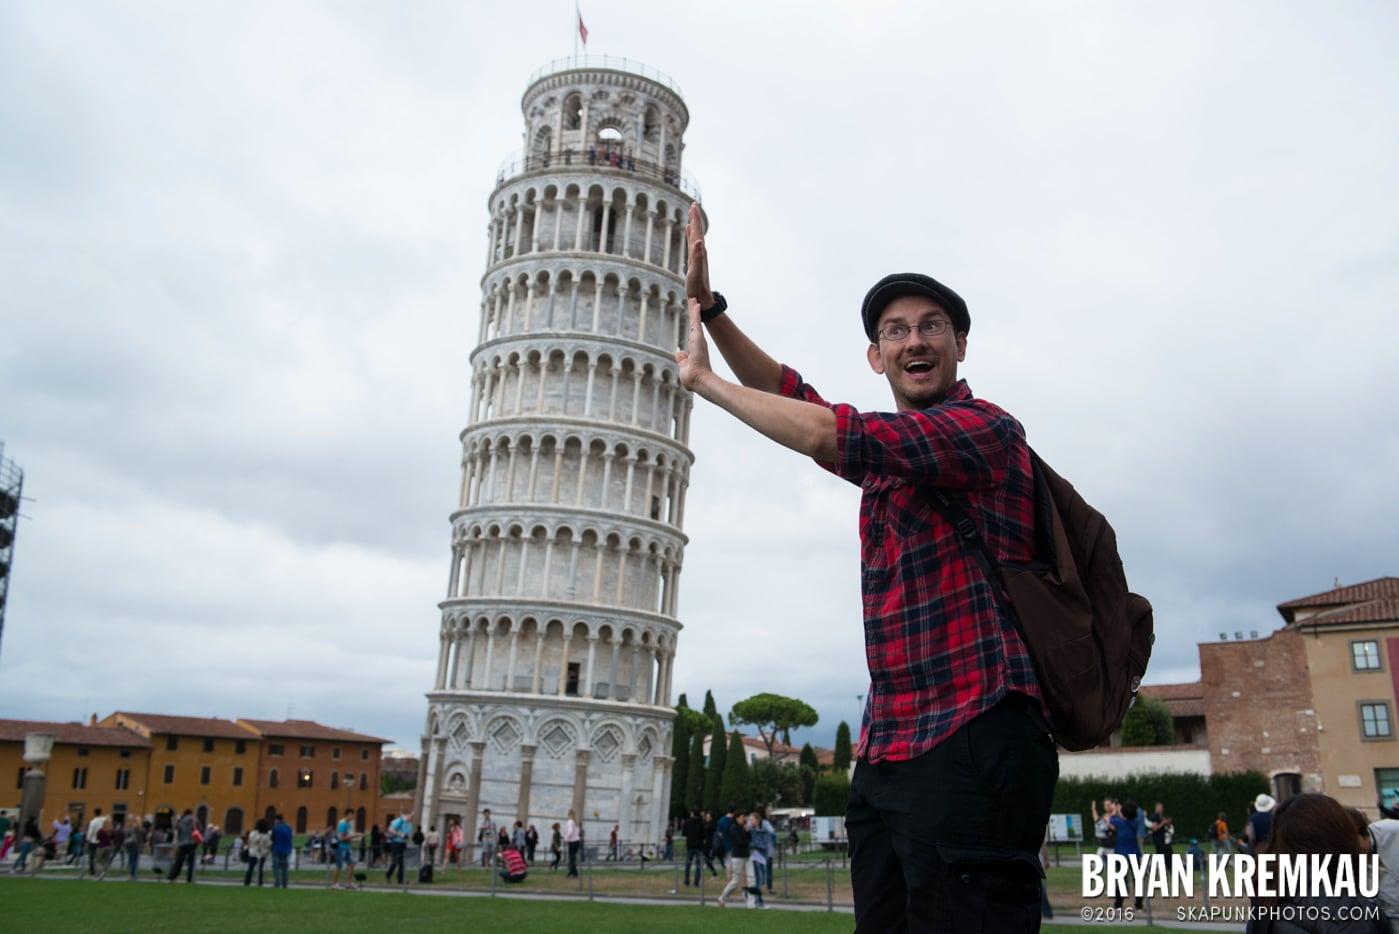 Italy Vacation - Day 8: Siena, San Gimignano, Chianti, Pisa - 9.16.13 (26)